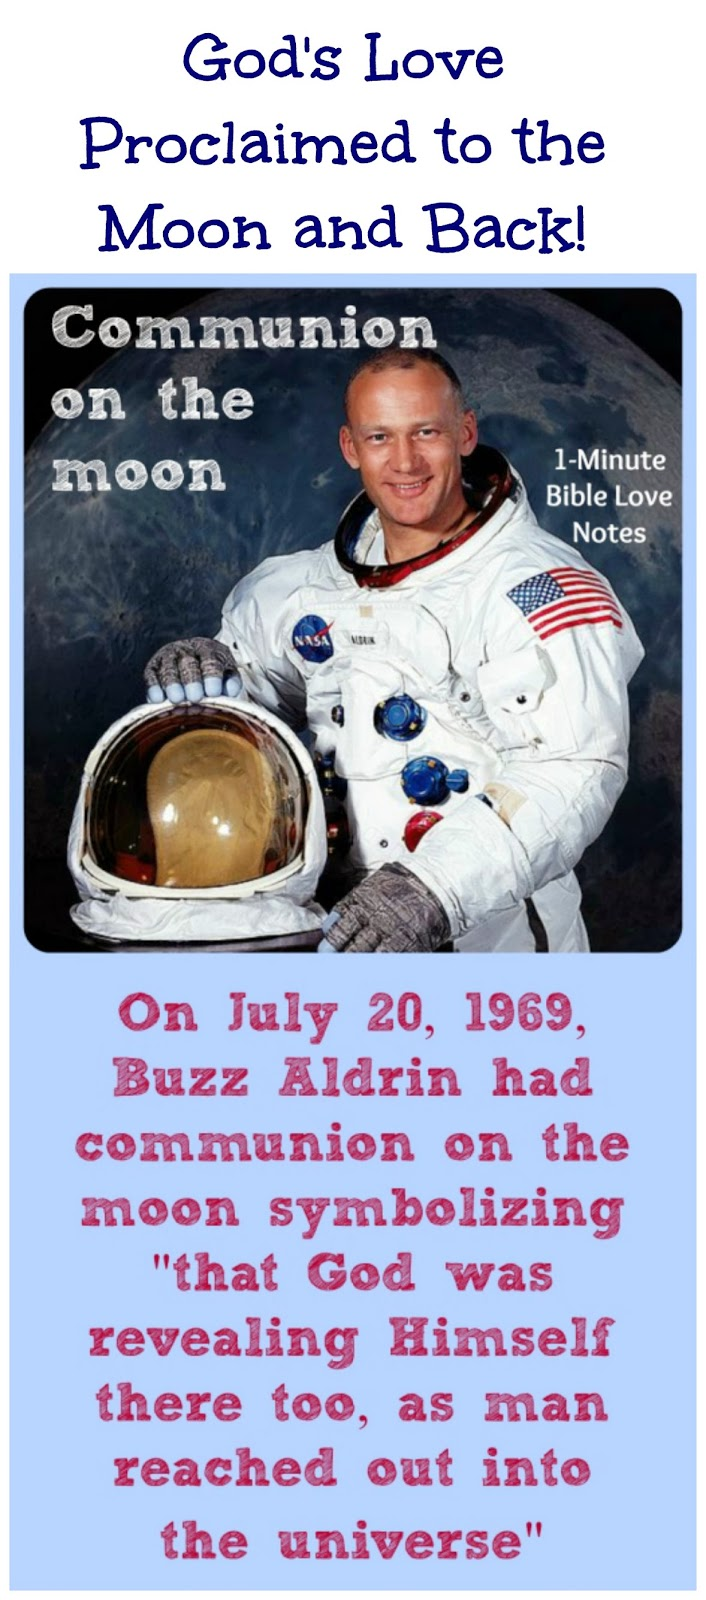 Buzz Aldrin moon communion, Communion on the Moon, Apollo 11 moon communion